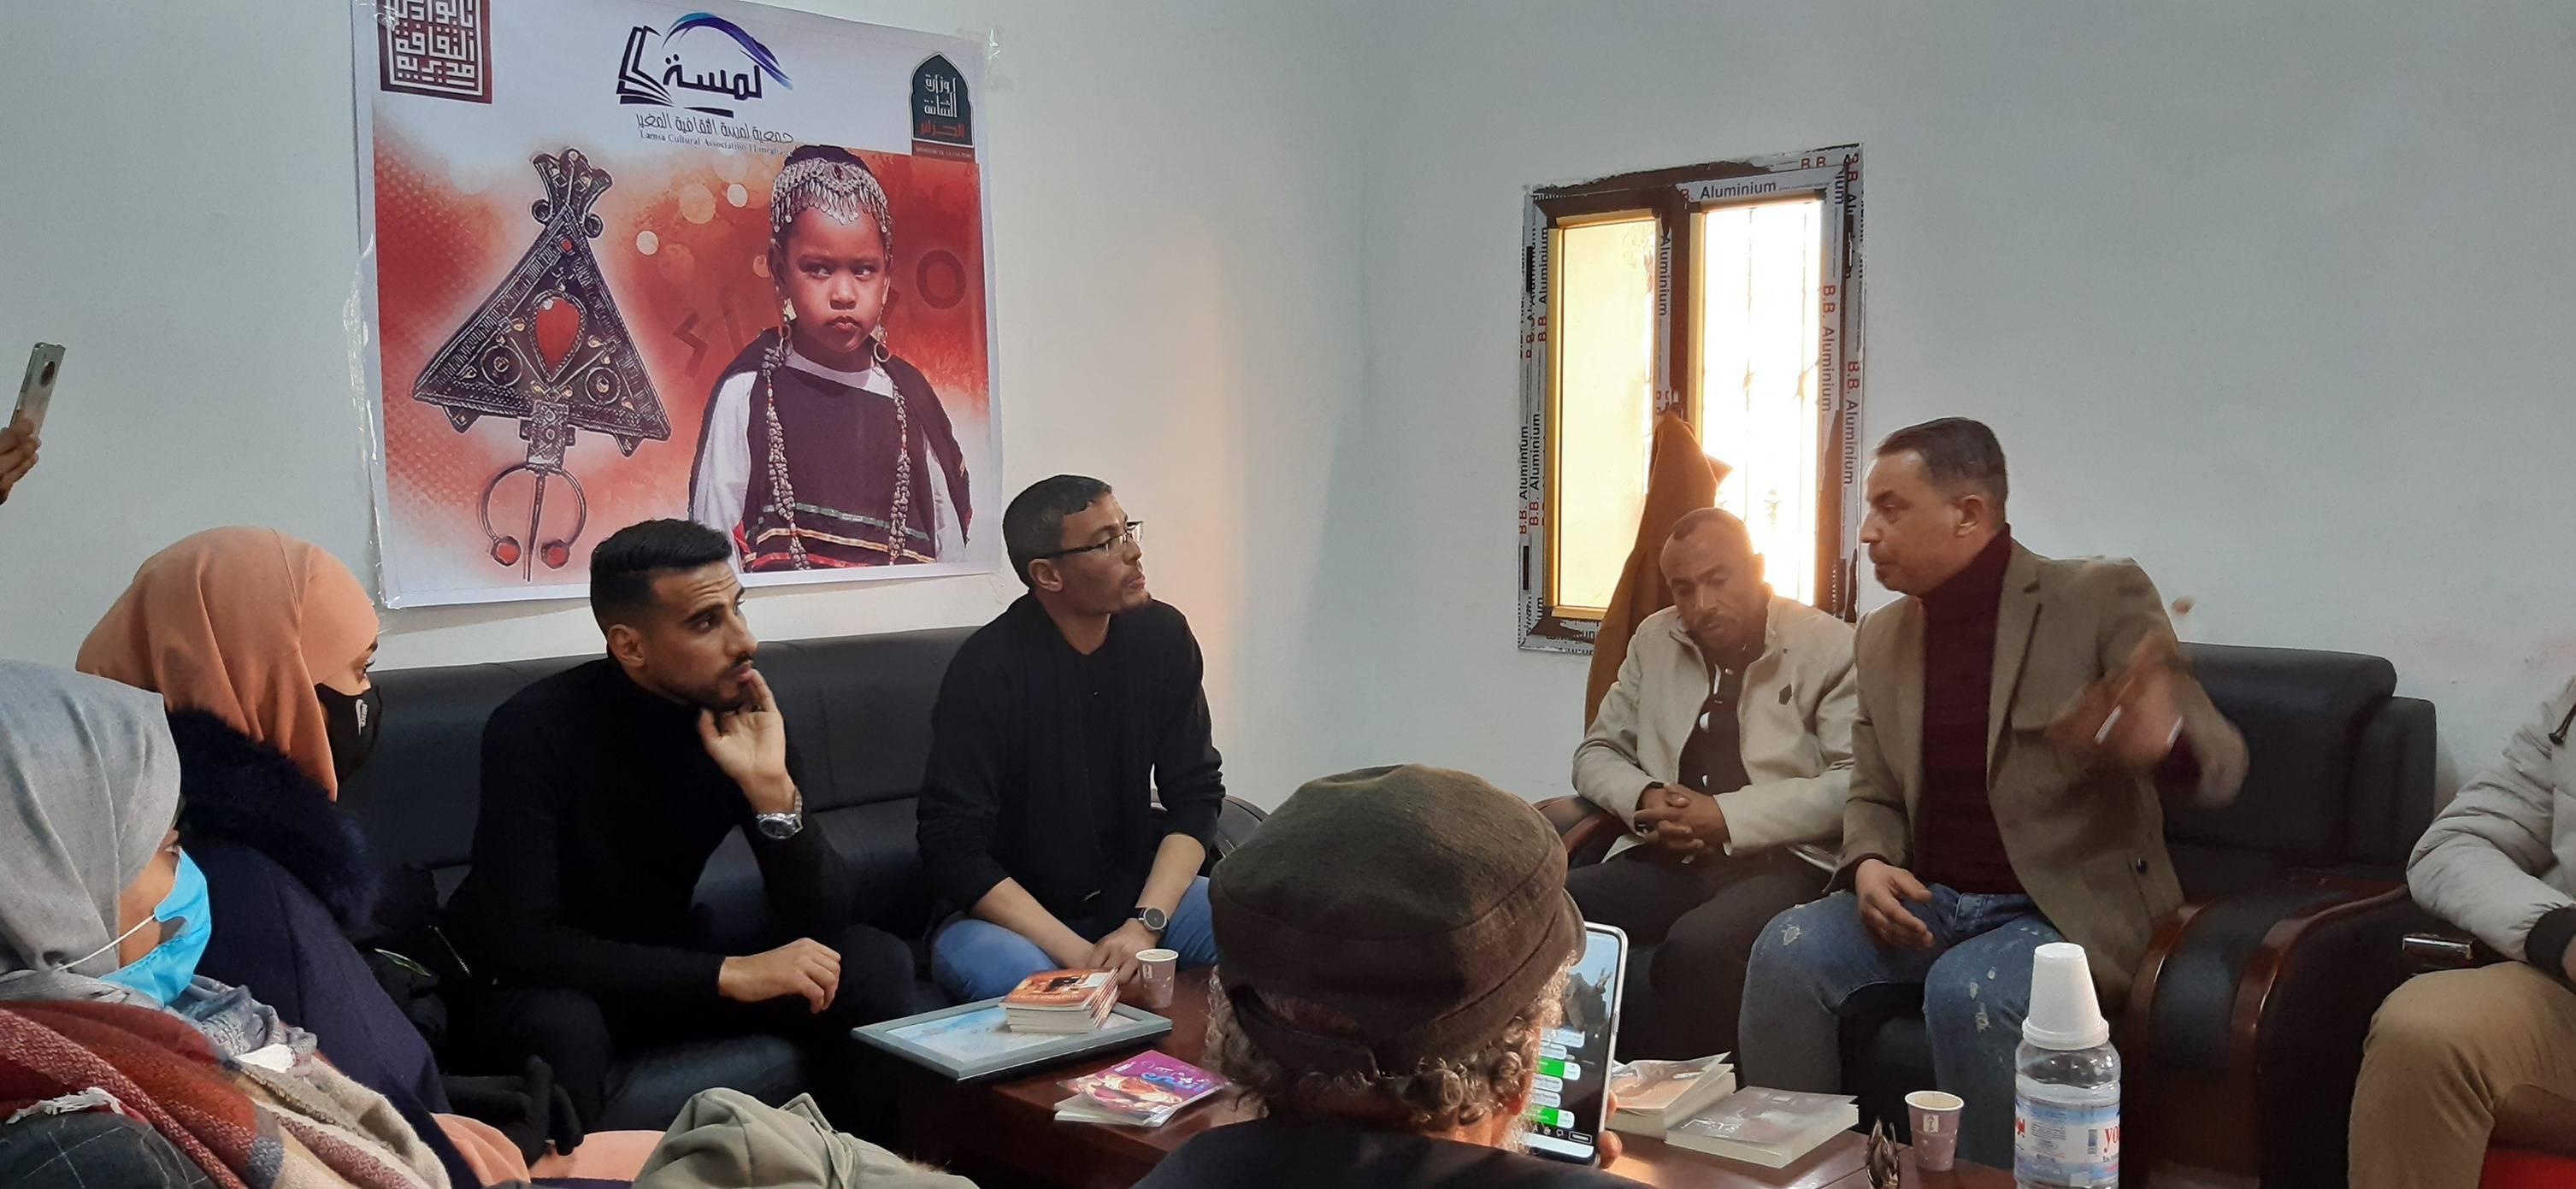 جلسة ادبية مع كتاب المغير - جمعية لمسة الثقافية المغير